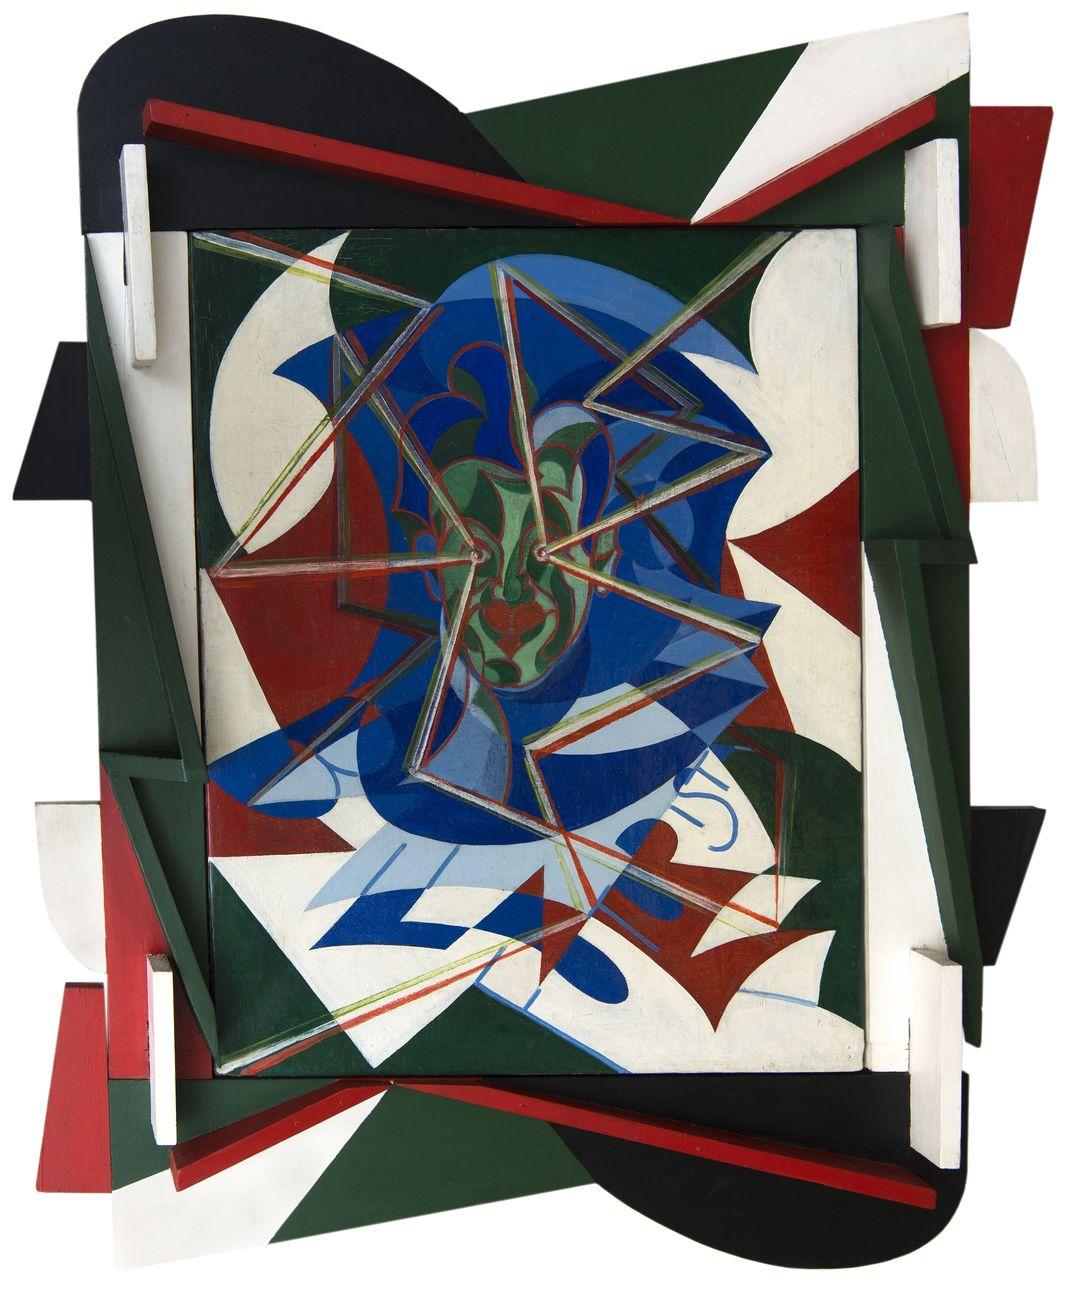 Giacomo Balla, Autoritratto tricolore, 1927. Collezione Jacorossi